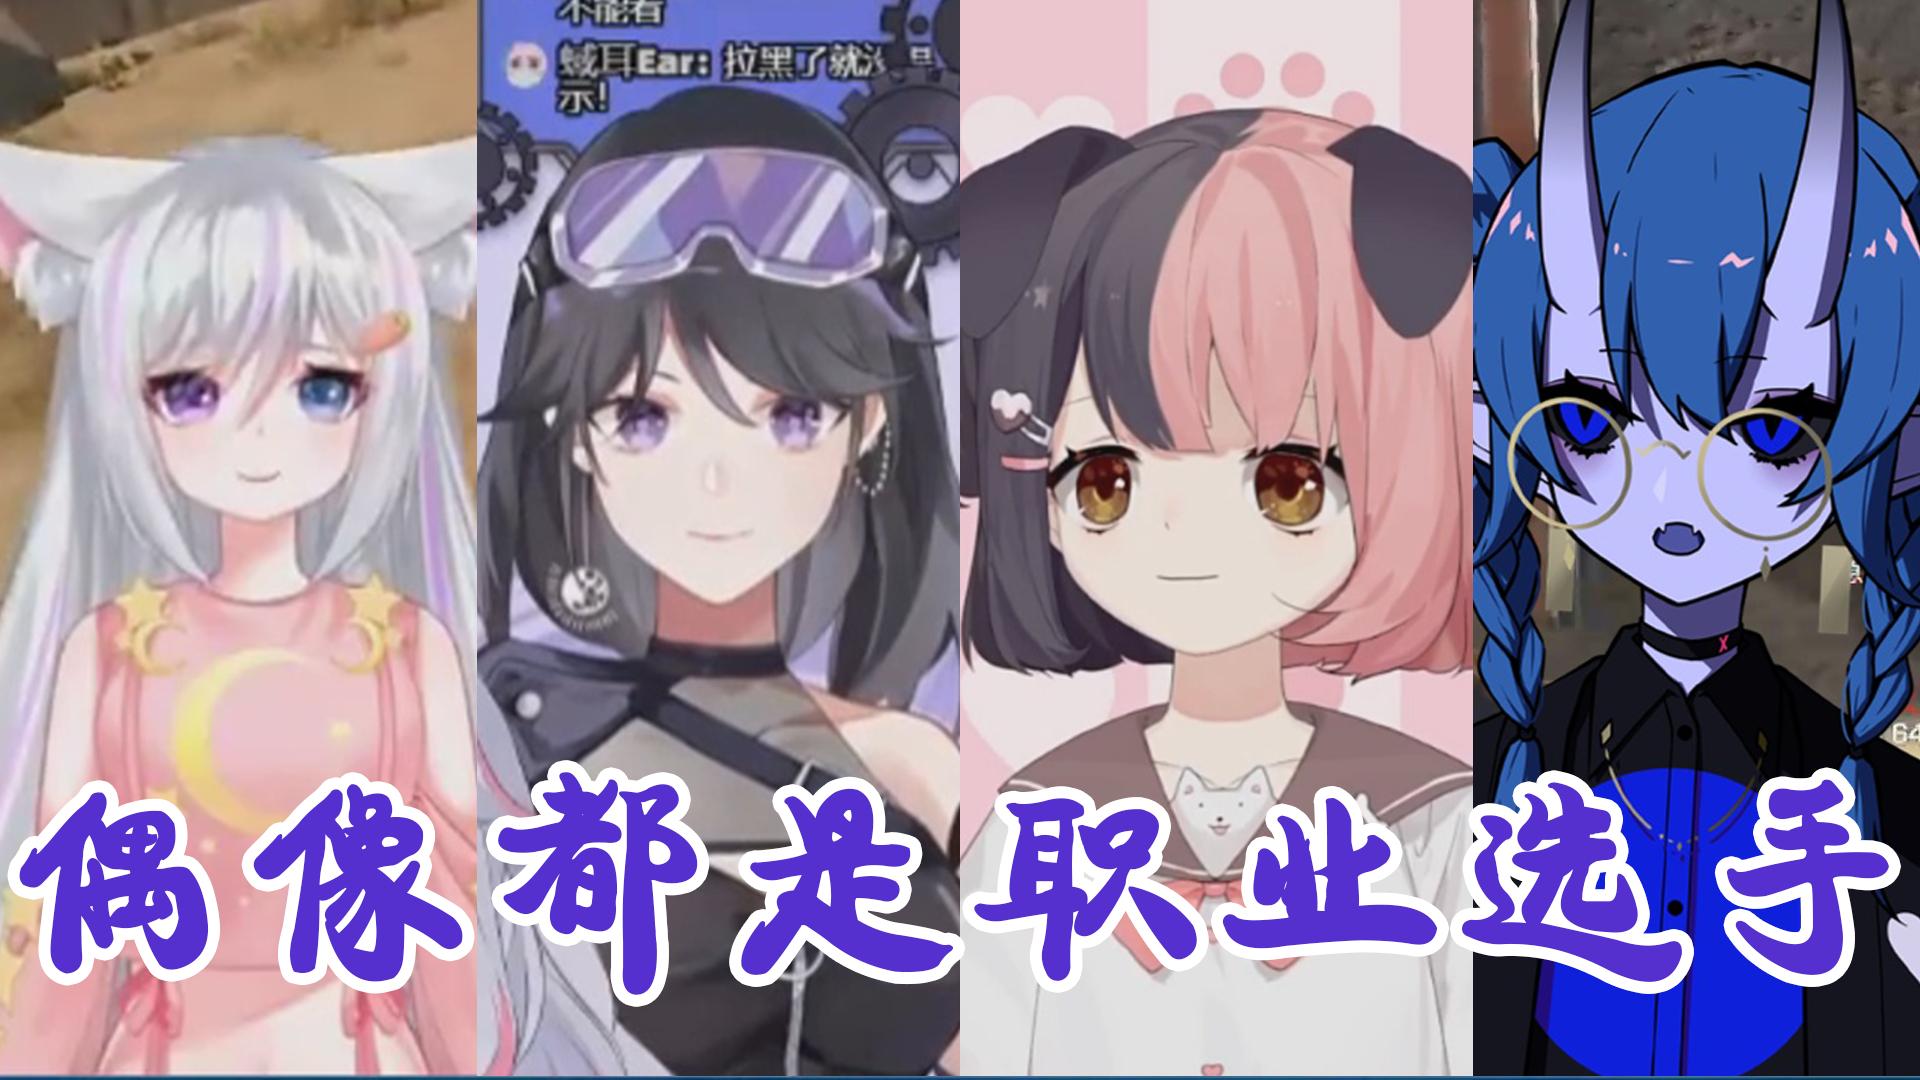 【偶像们的游戏高光时刻】vol.5